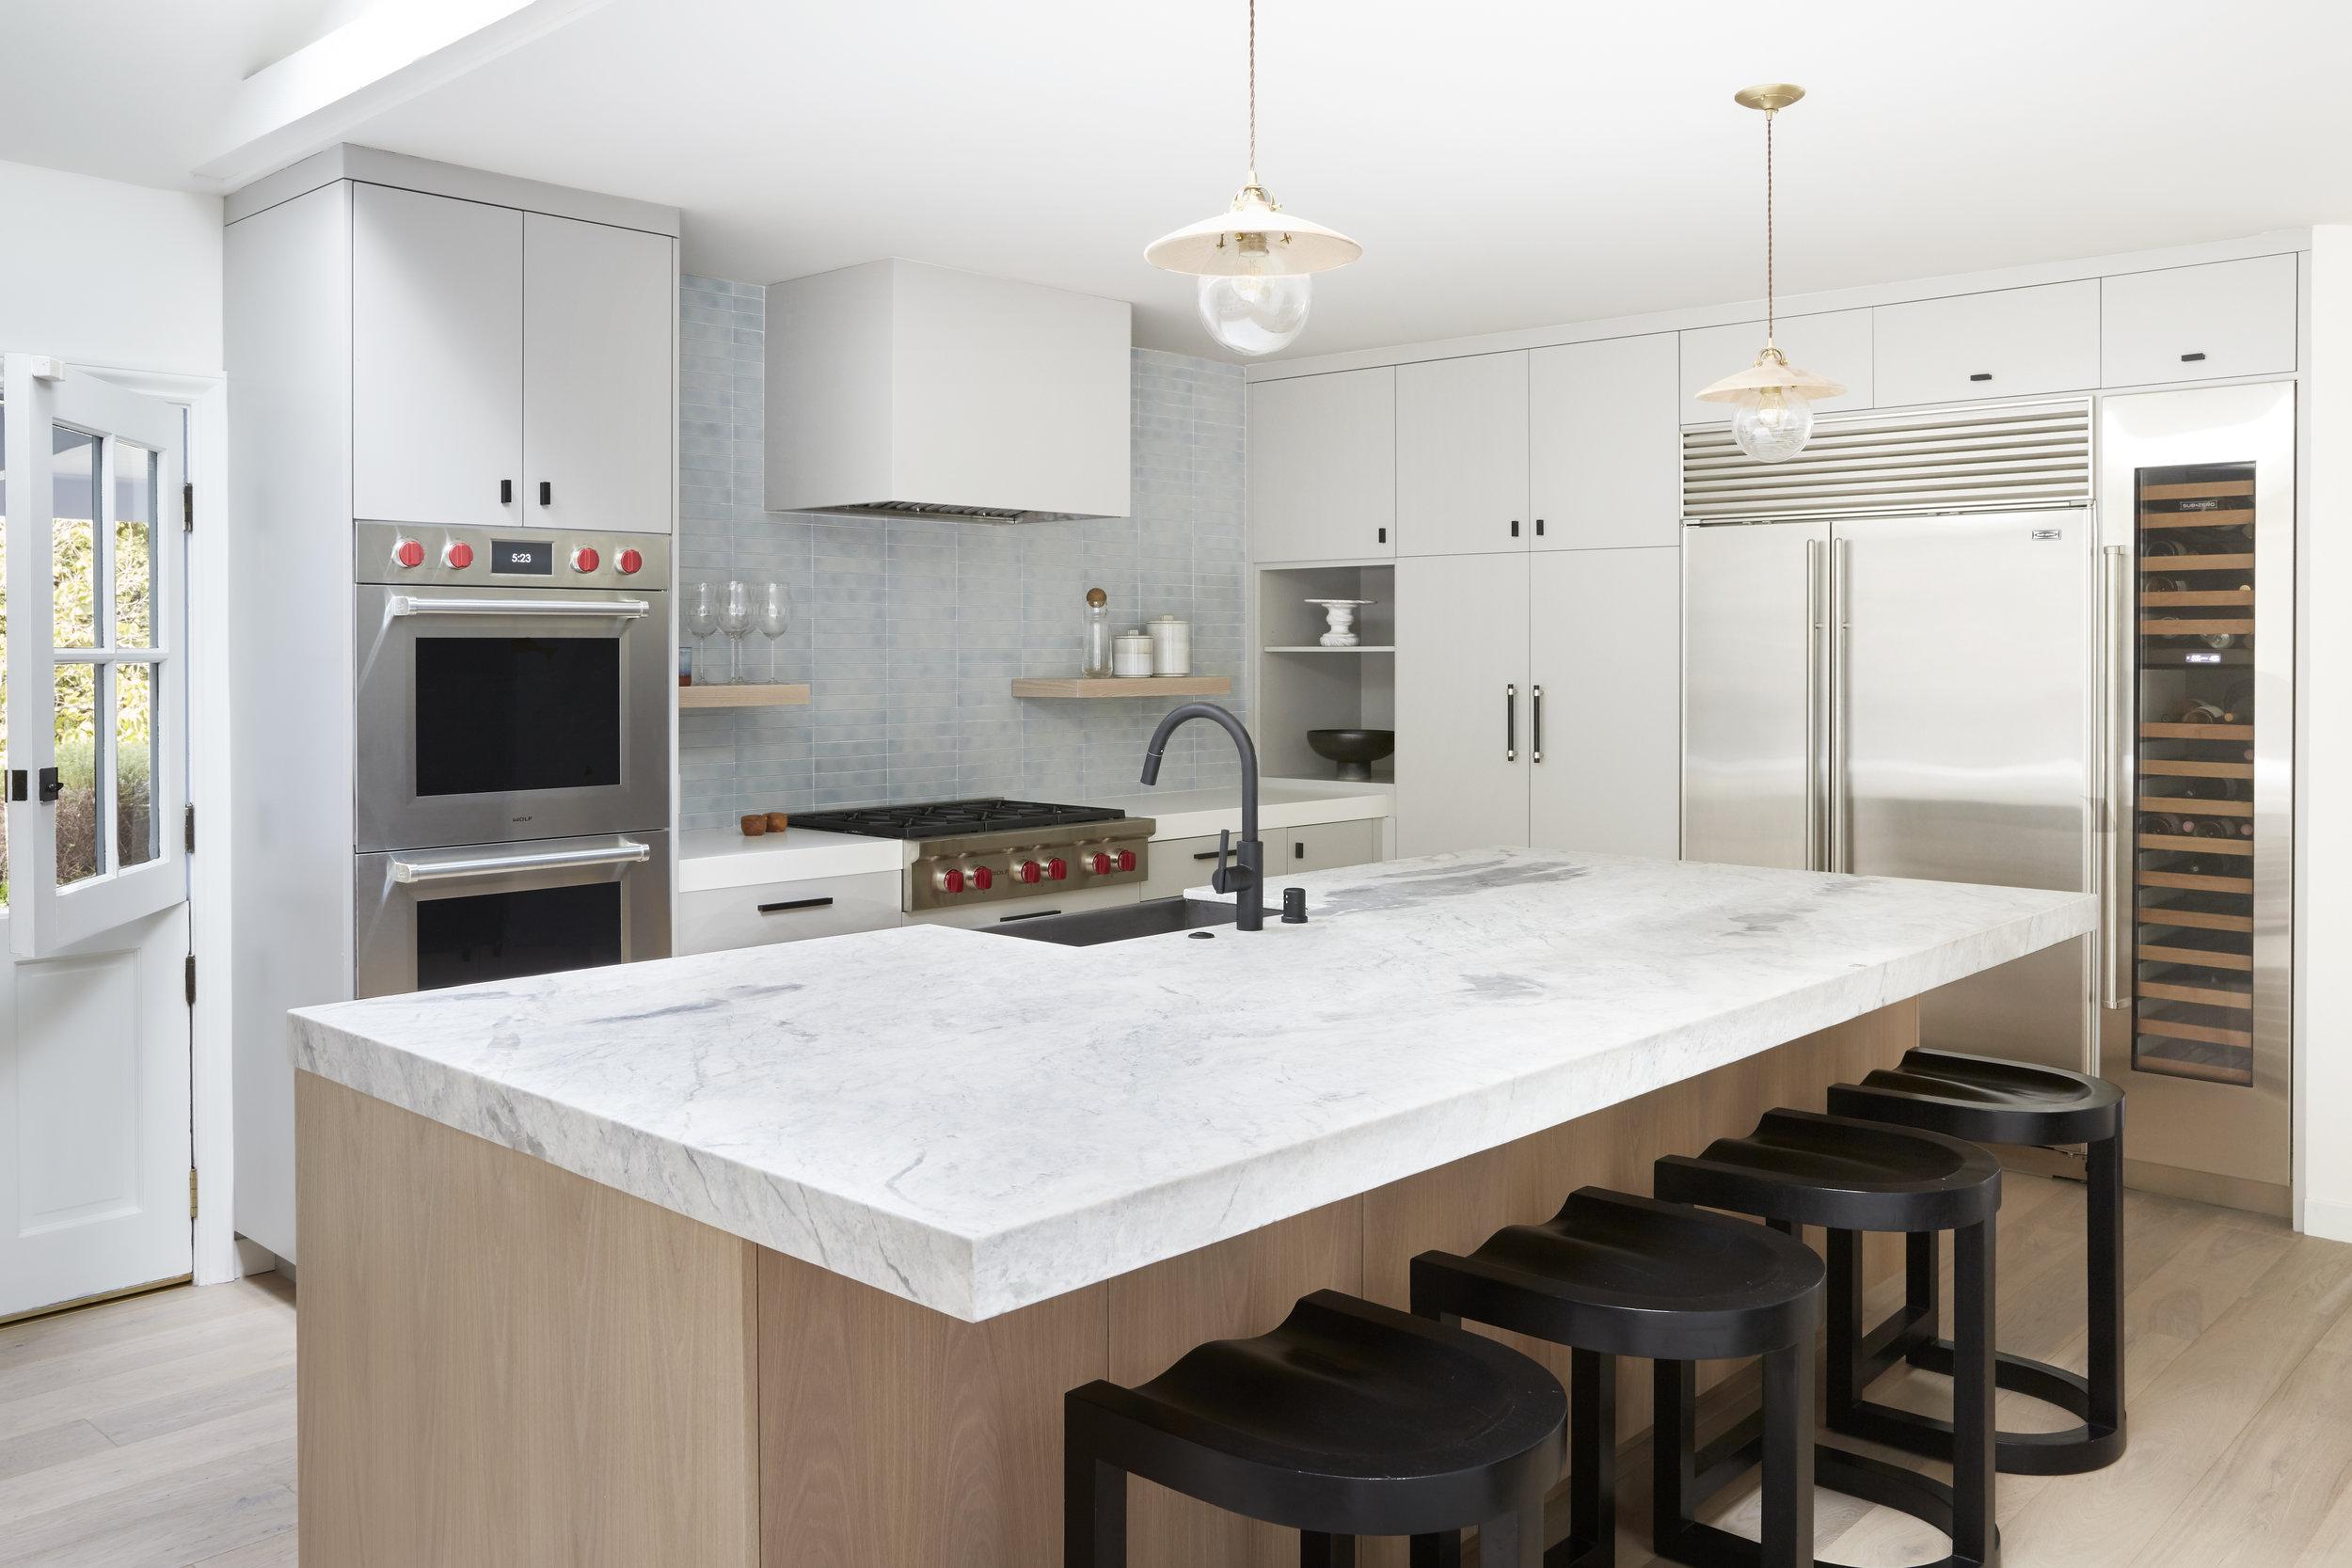 Kitchen_2_010.jpg